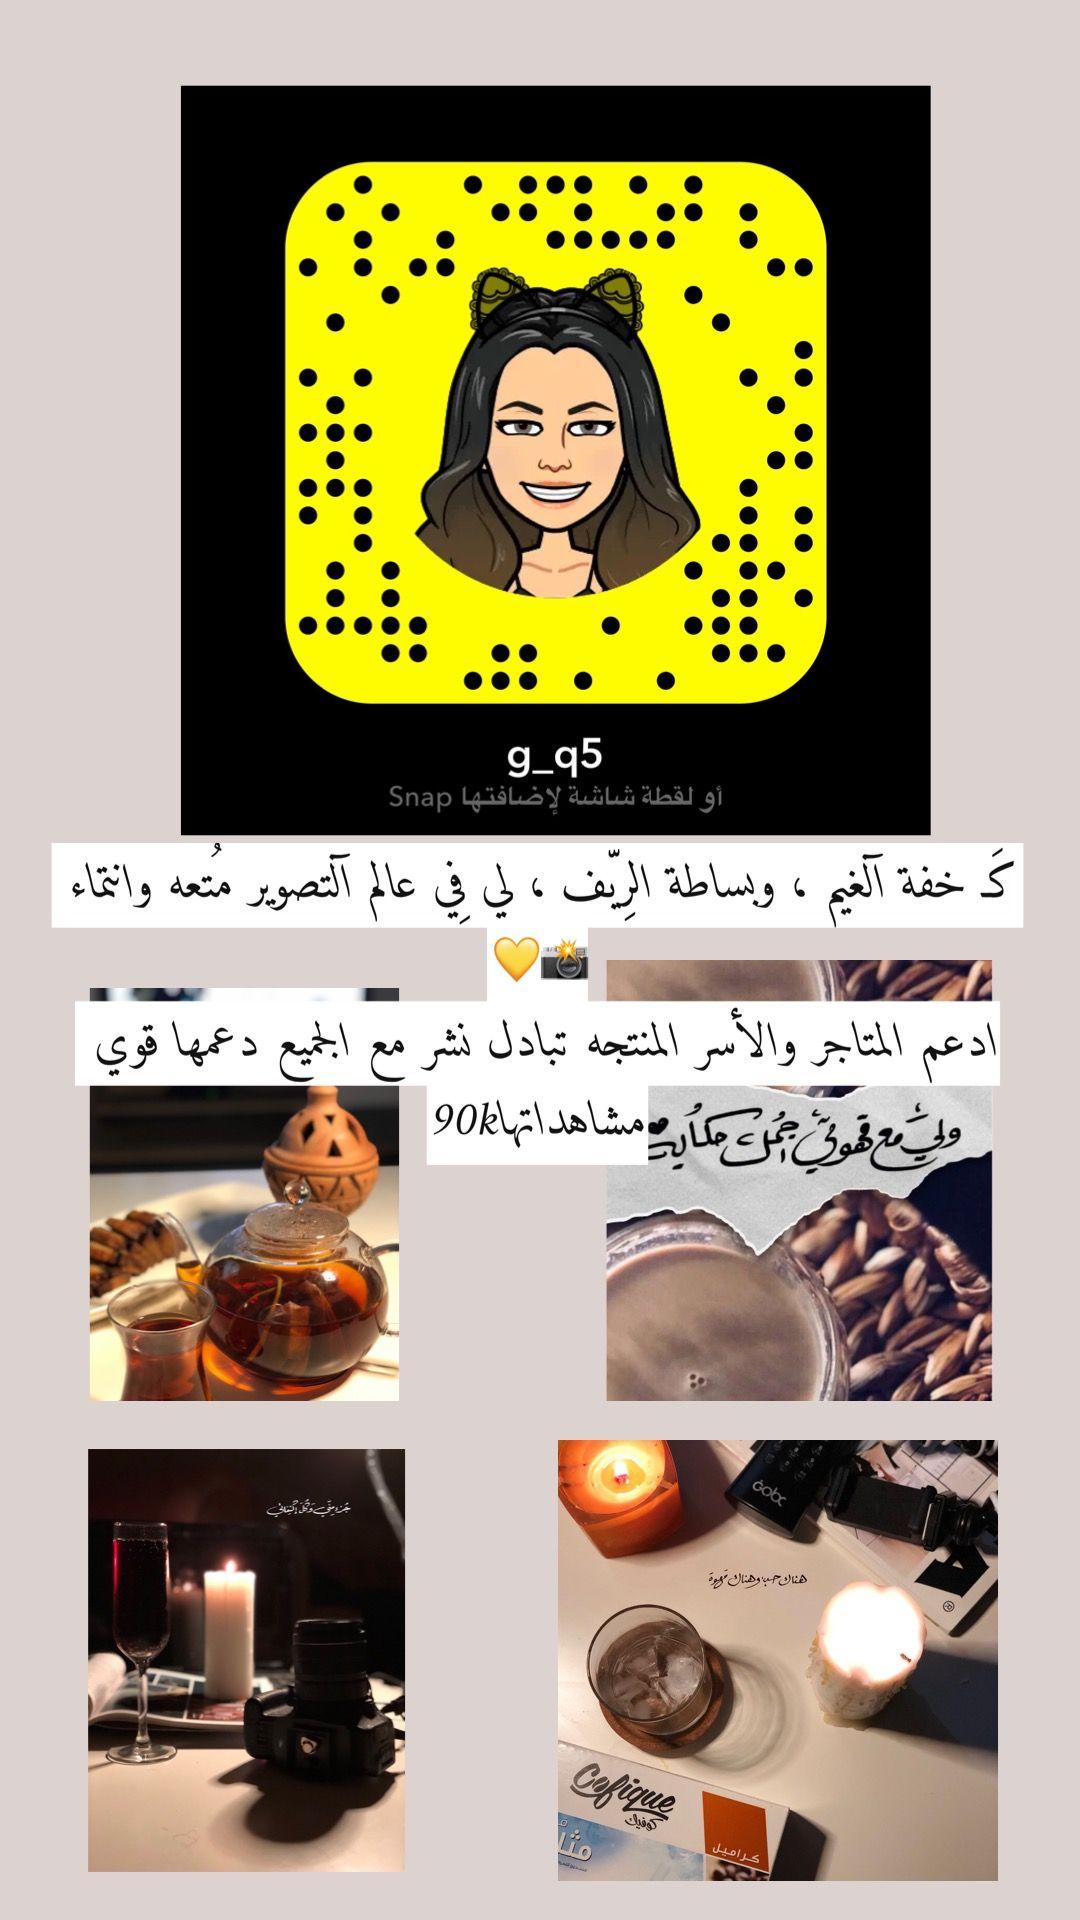 Homedecor Jimin Pensamentos Manualidades Bts Quotes Jungkook Pensamentos Arbeit Bts سنابات ديكورات تصميم ت Snapchat Snapchat Screenshot Instagram